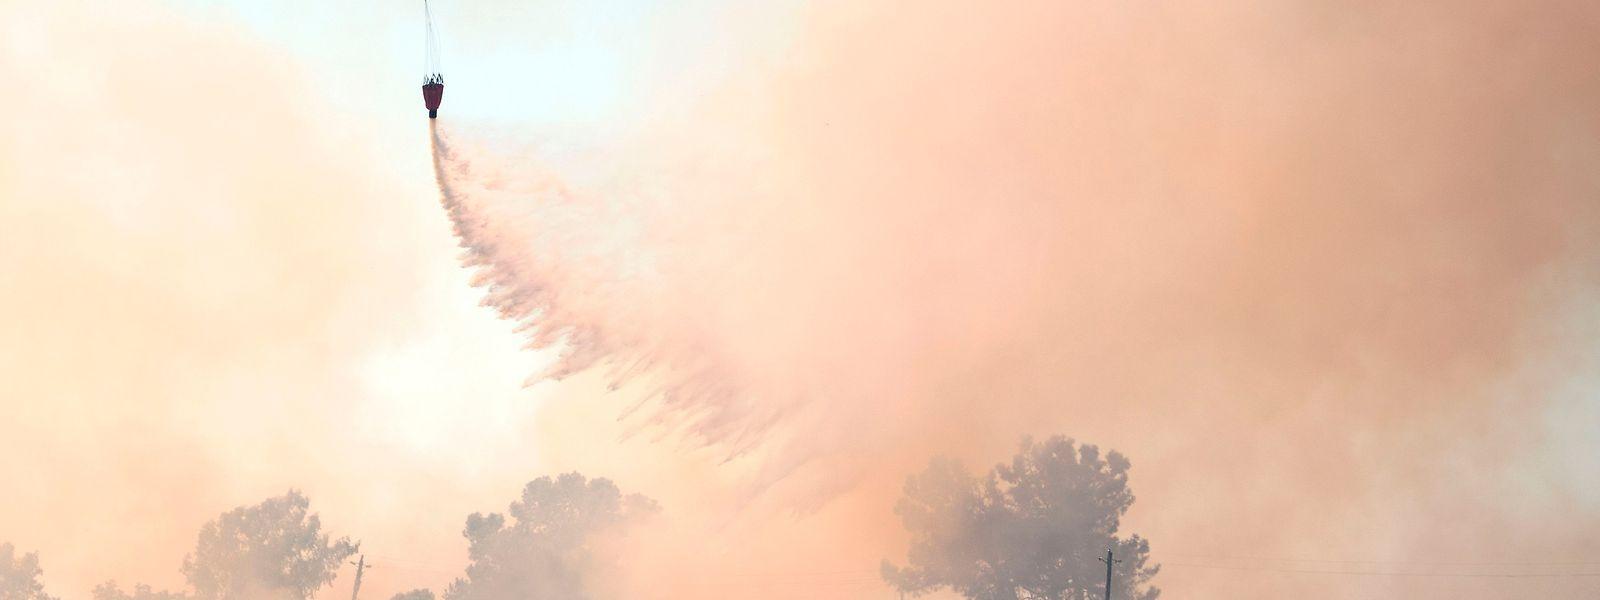 Die Feuerwehr ist mit Löschflugzeugen und Hubschraubern im Einsatz.